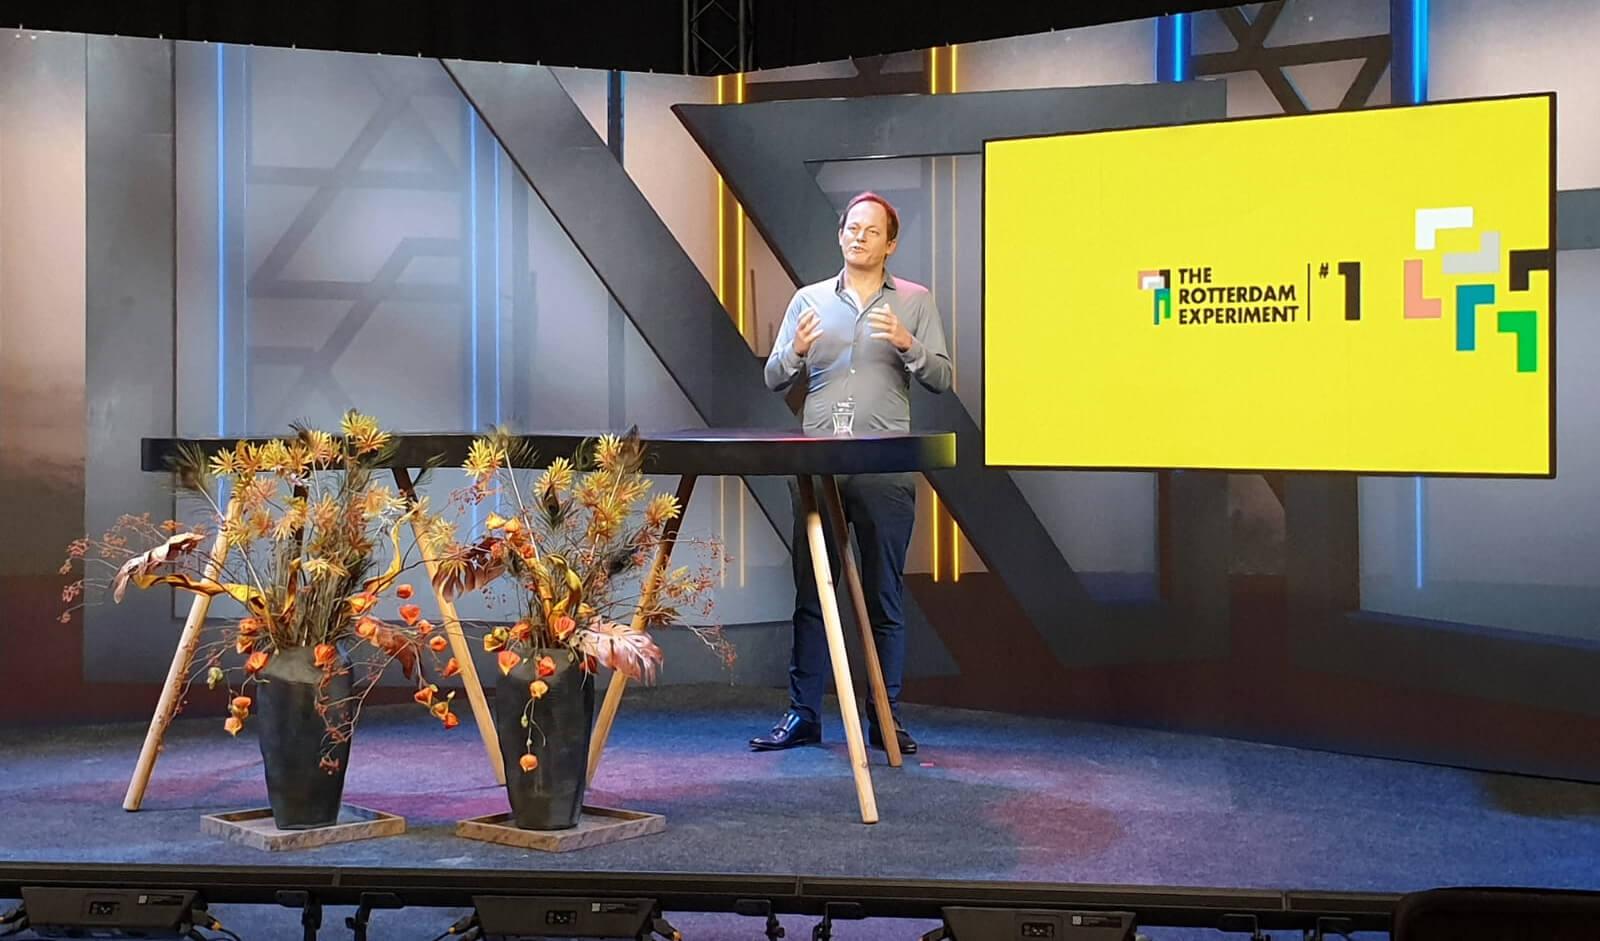 Yuri van Geest verzorgde de keynote voor het eerste experiment en zal dat bij alle evenementen van The Rotterdam Experiment doen.